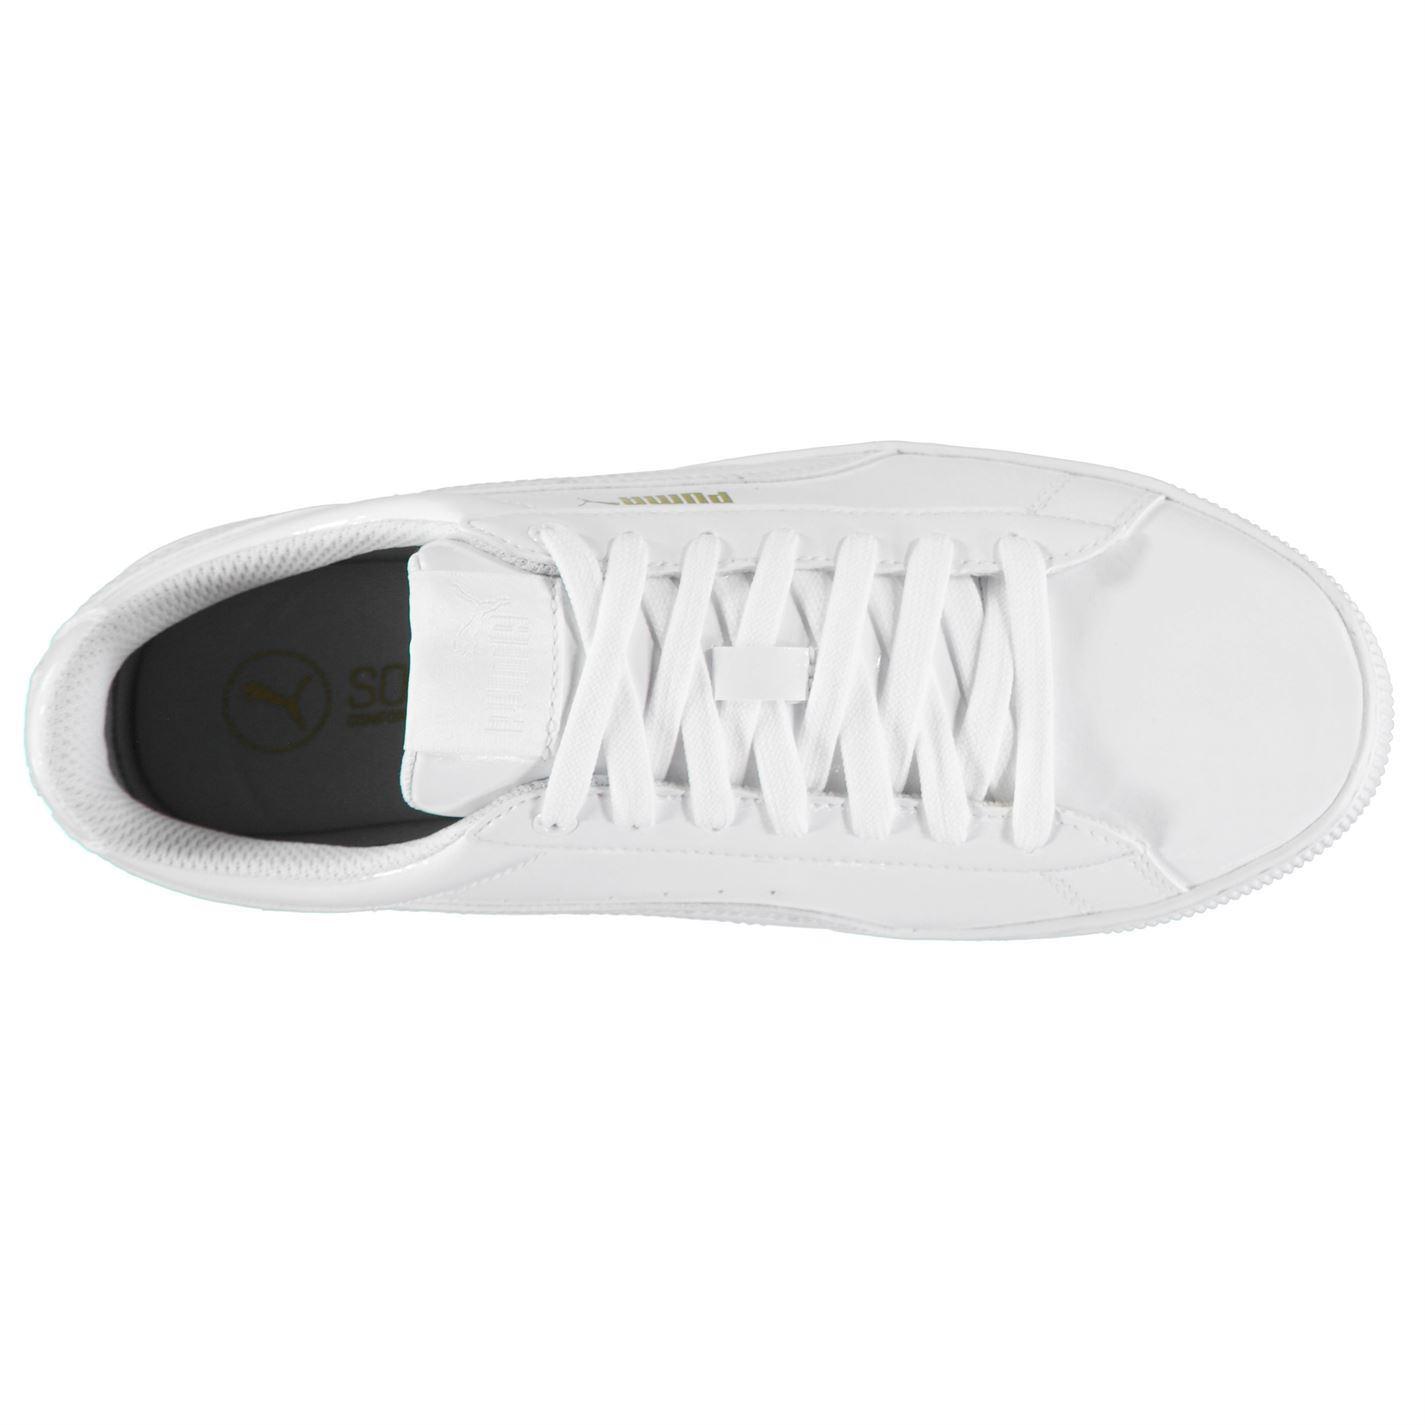 ... Puma di brevetto piattaforma formatori Womens White Sport scarpe da  ginnastica Sneakers f5f857873a5